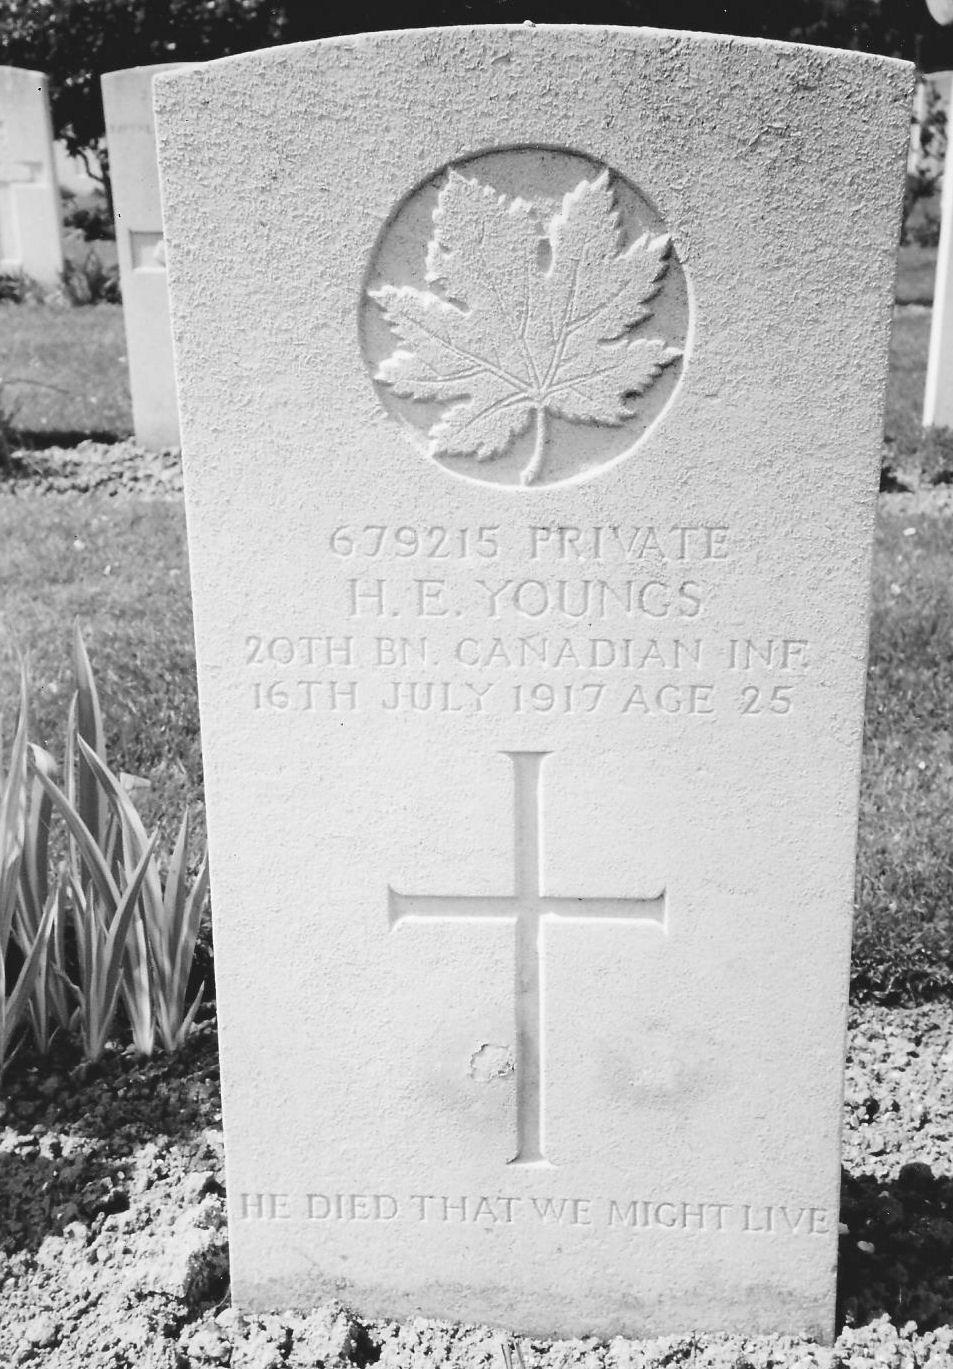 Grave Marker– Hezekiah Edward YOUNGS grave marker at Aix-Noulette